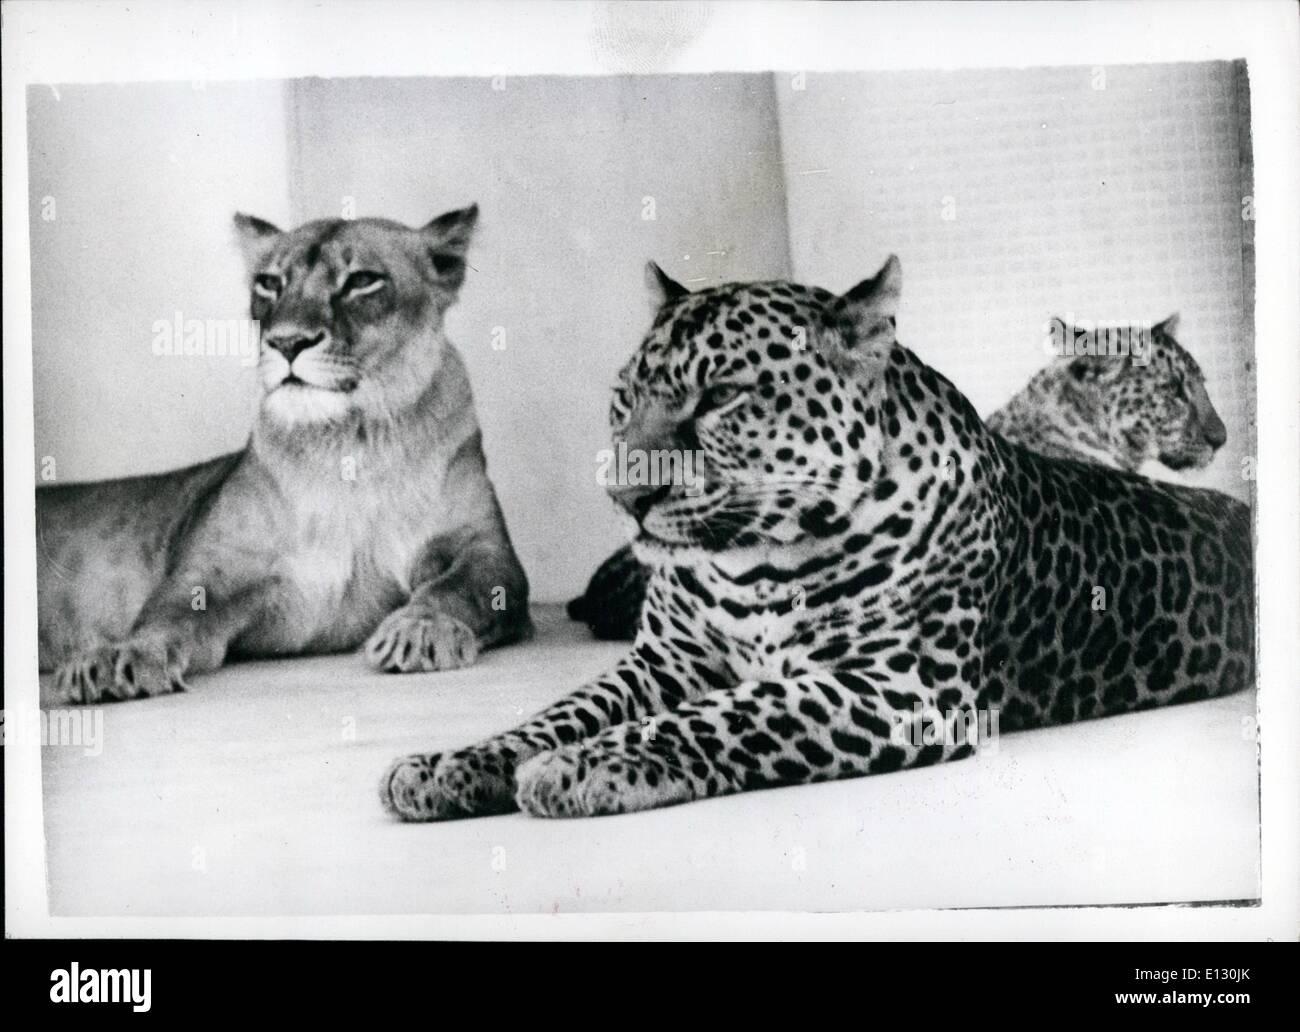 Febbraio 26, 2012 - Il mondo solo ''Leopons'' crescono. Prole rare presso lo zoo di giapponese.: il 190 giorno vecchio ''Leopon'' cubs metà leopardo e metà lion nato al Hanshin Park Zoo, vicino a Kobe, in Giappone stanno crescendo in bella animali. Il loro padre è un Leopard e la madre una leonessa sono un maschio e una femmina e mentre la femmina può salire la struttura ad albero nella gabbia il maschio non è in grado di fare in modo che egli è piuttosto più goffo. Il rivestimento della femmina è sempre più leggero mentre quello dei maschi più scuro Immagini Stock